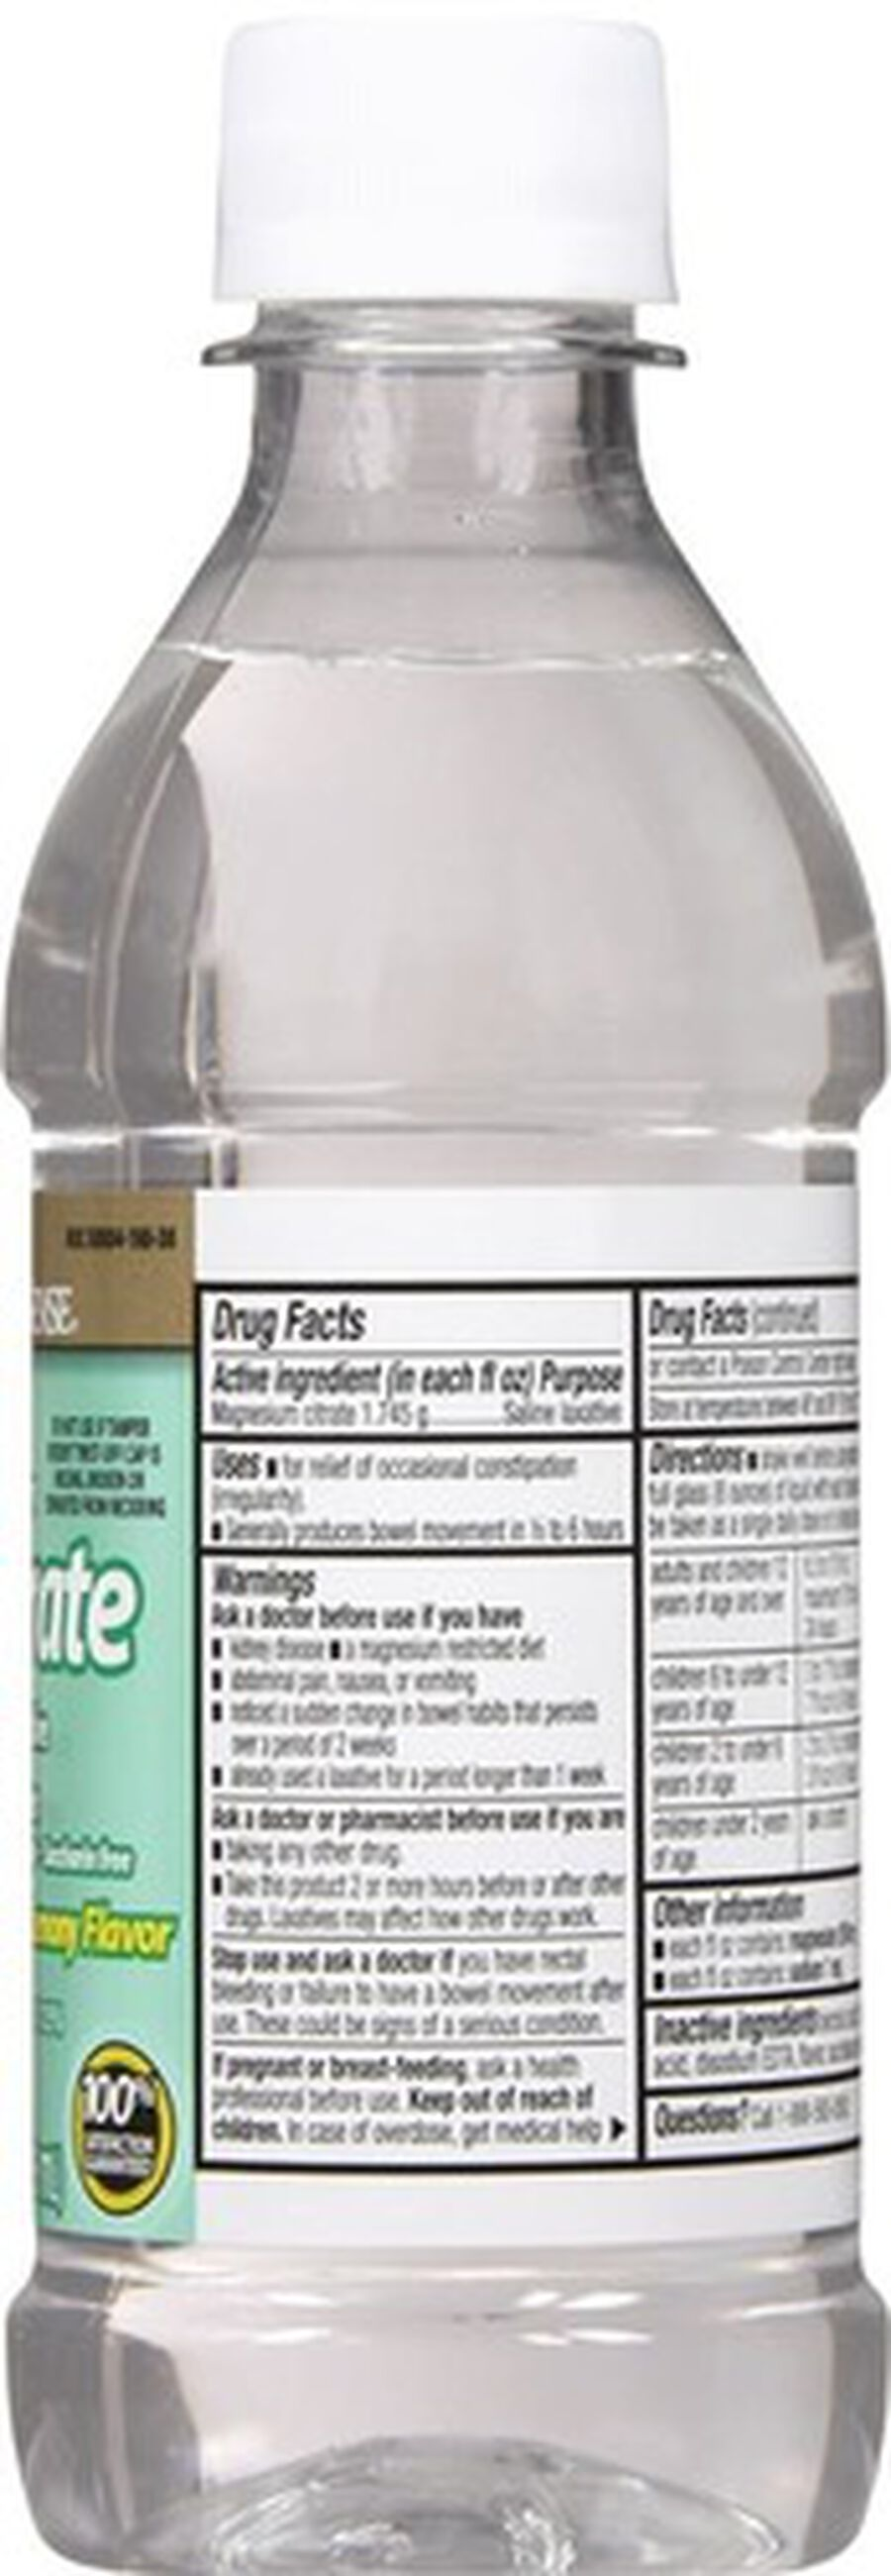 GoodSense® Cirtrate Magneisum Dye- Free Lemon, 10 oz, , large image number 1